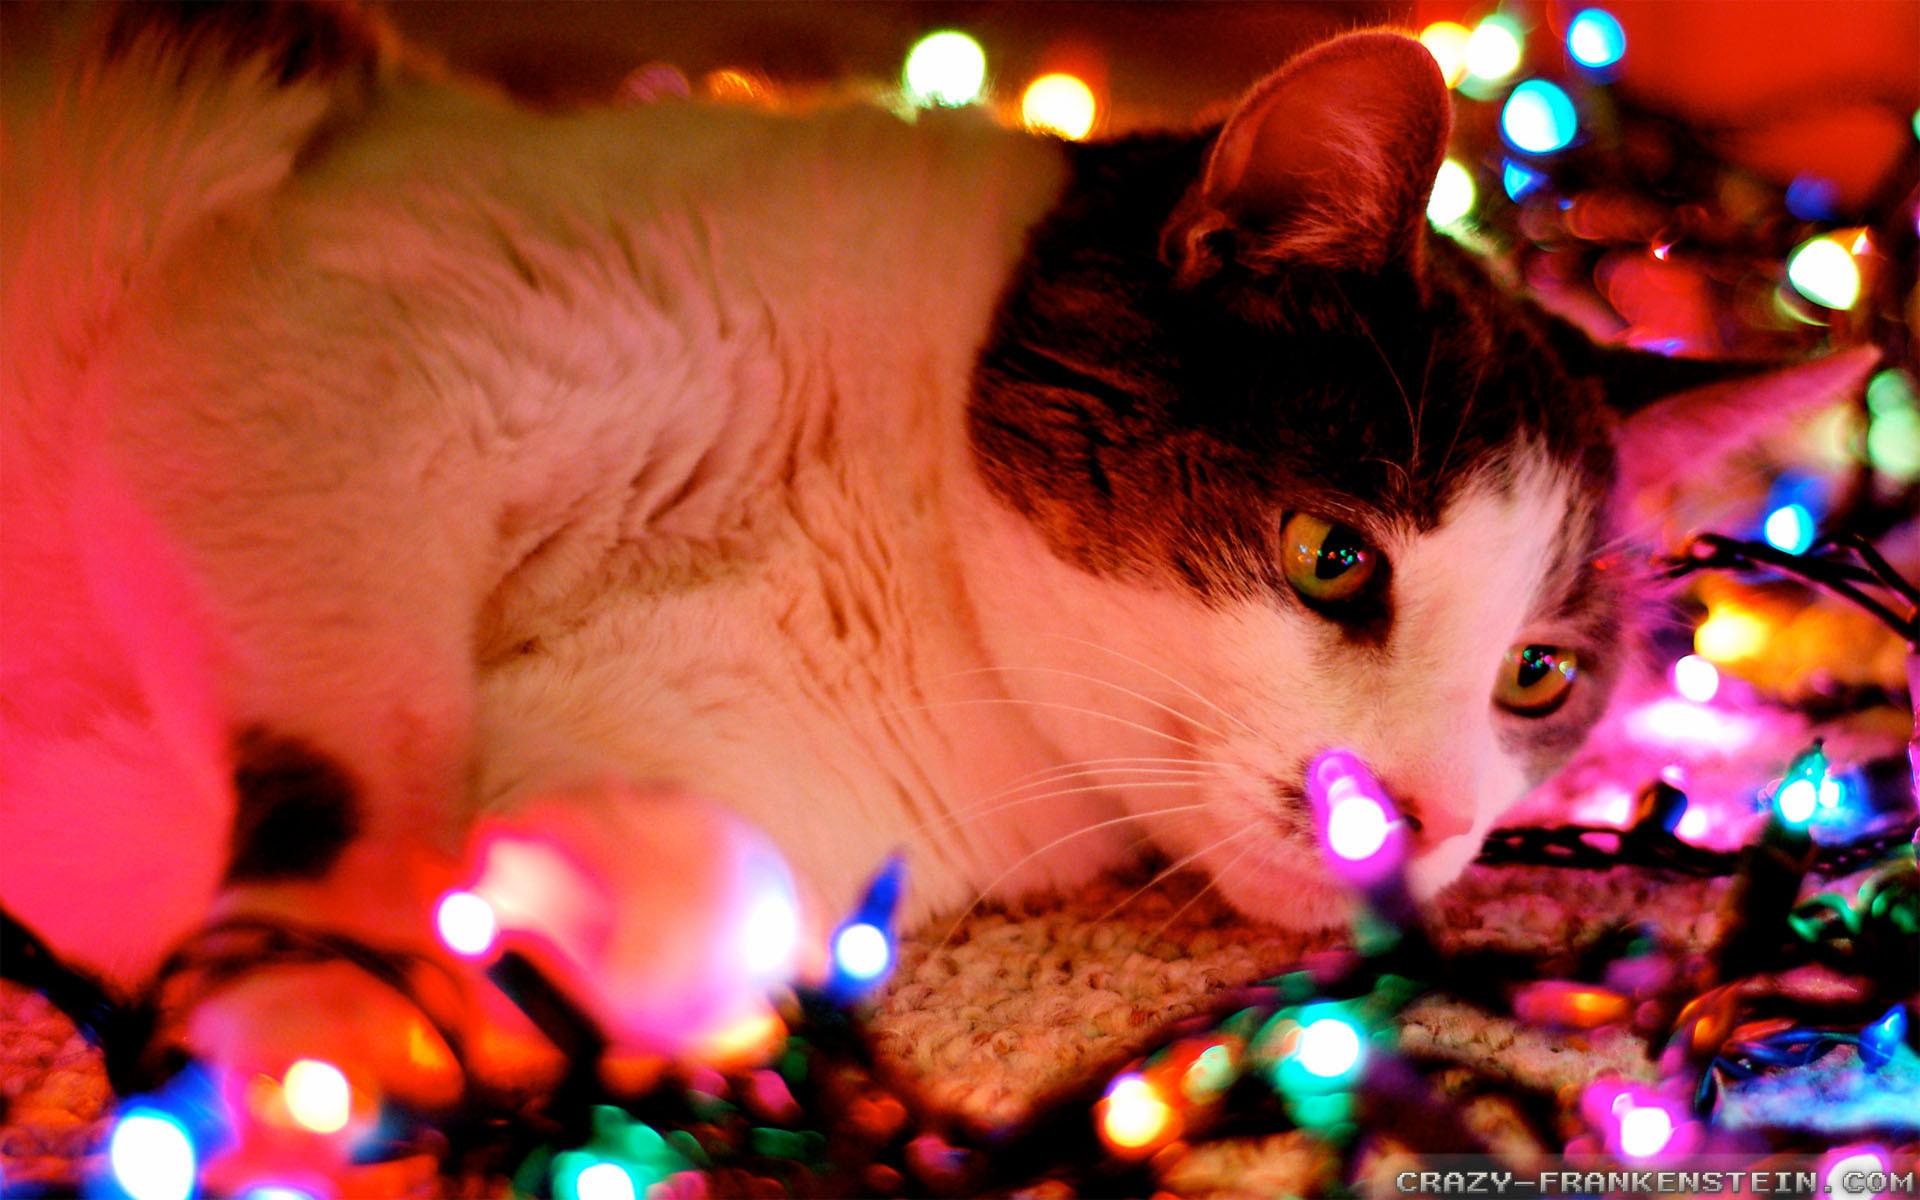 Christmas Lights Photography Tumblr Wallpapers HD